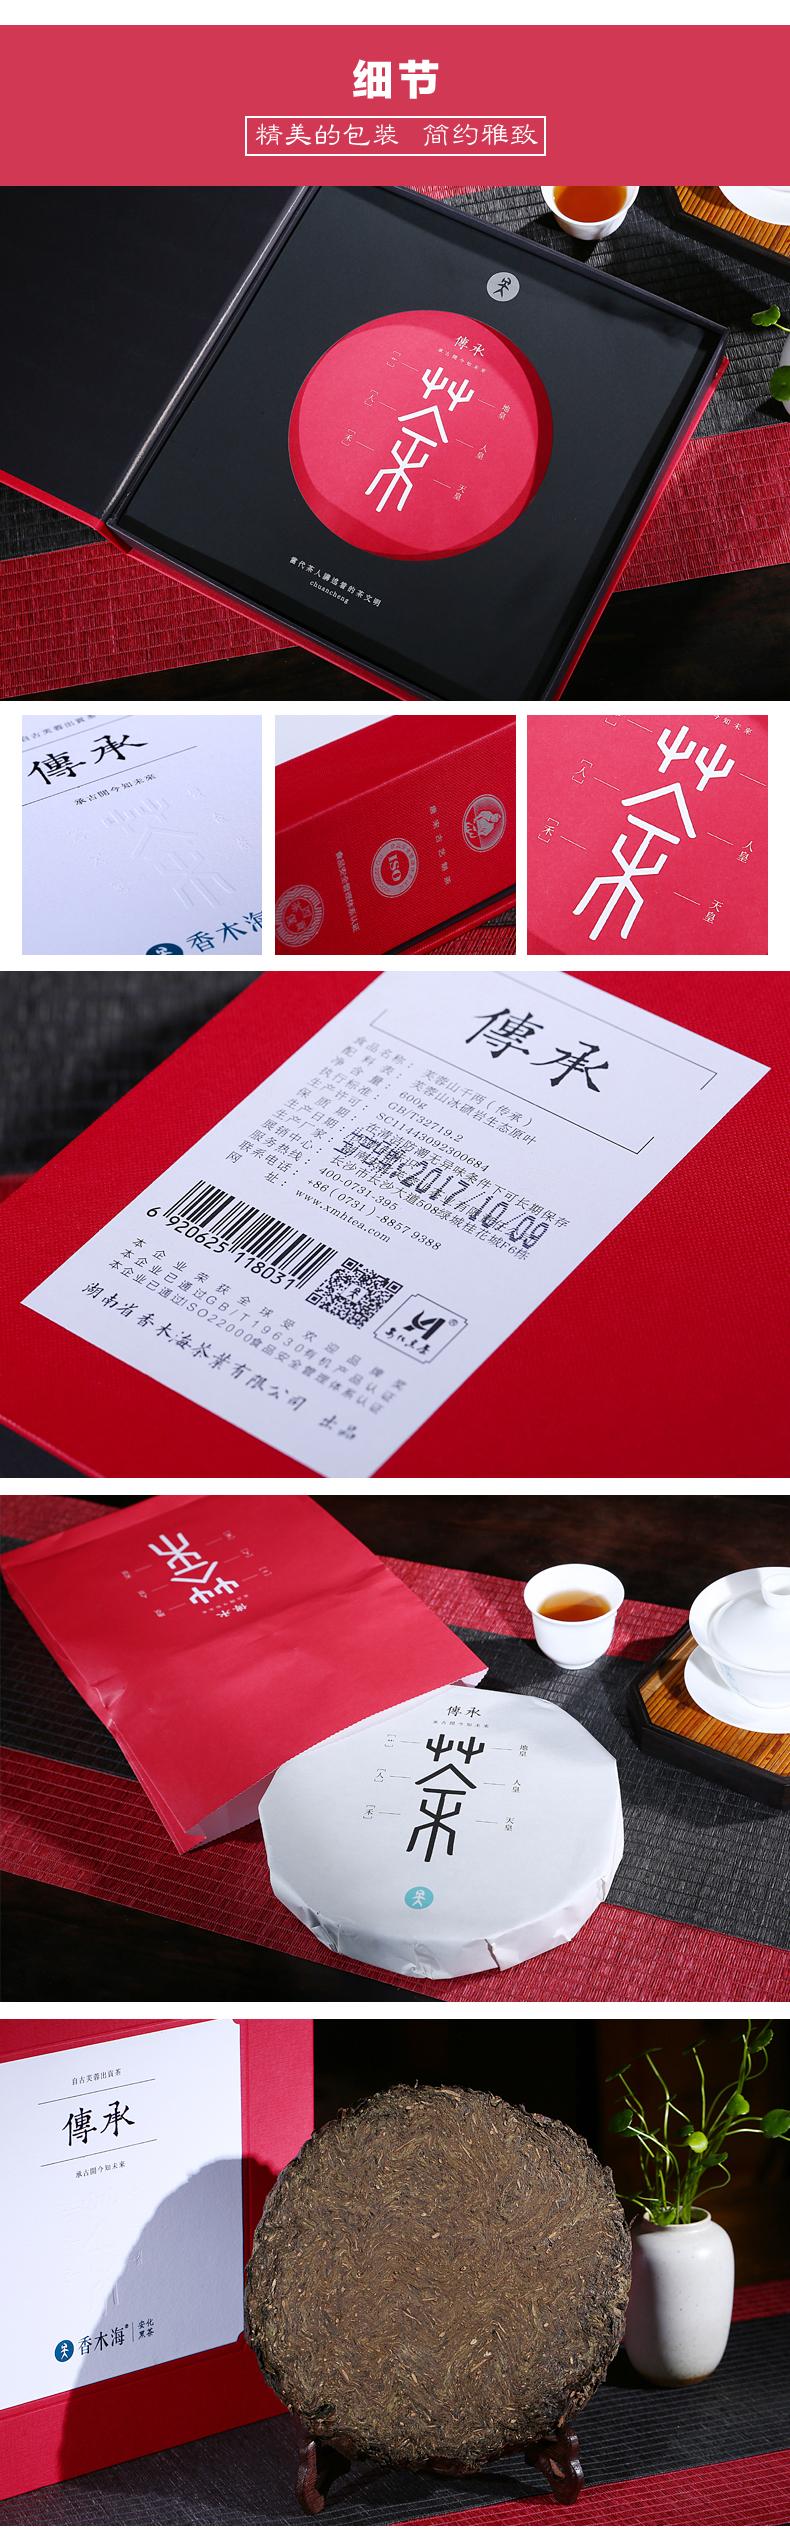 春节送礼该选啥?就选安化黑茶!